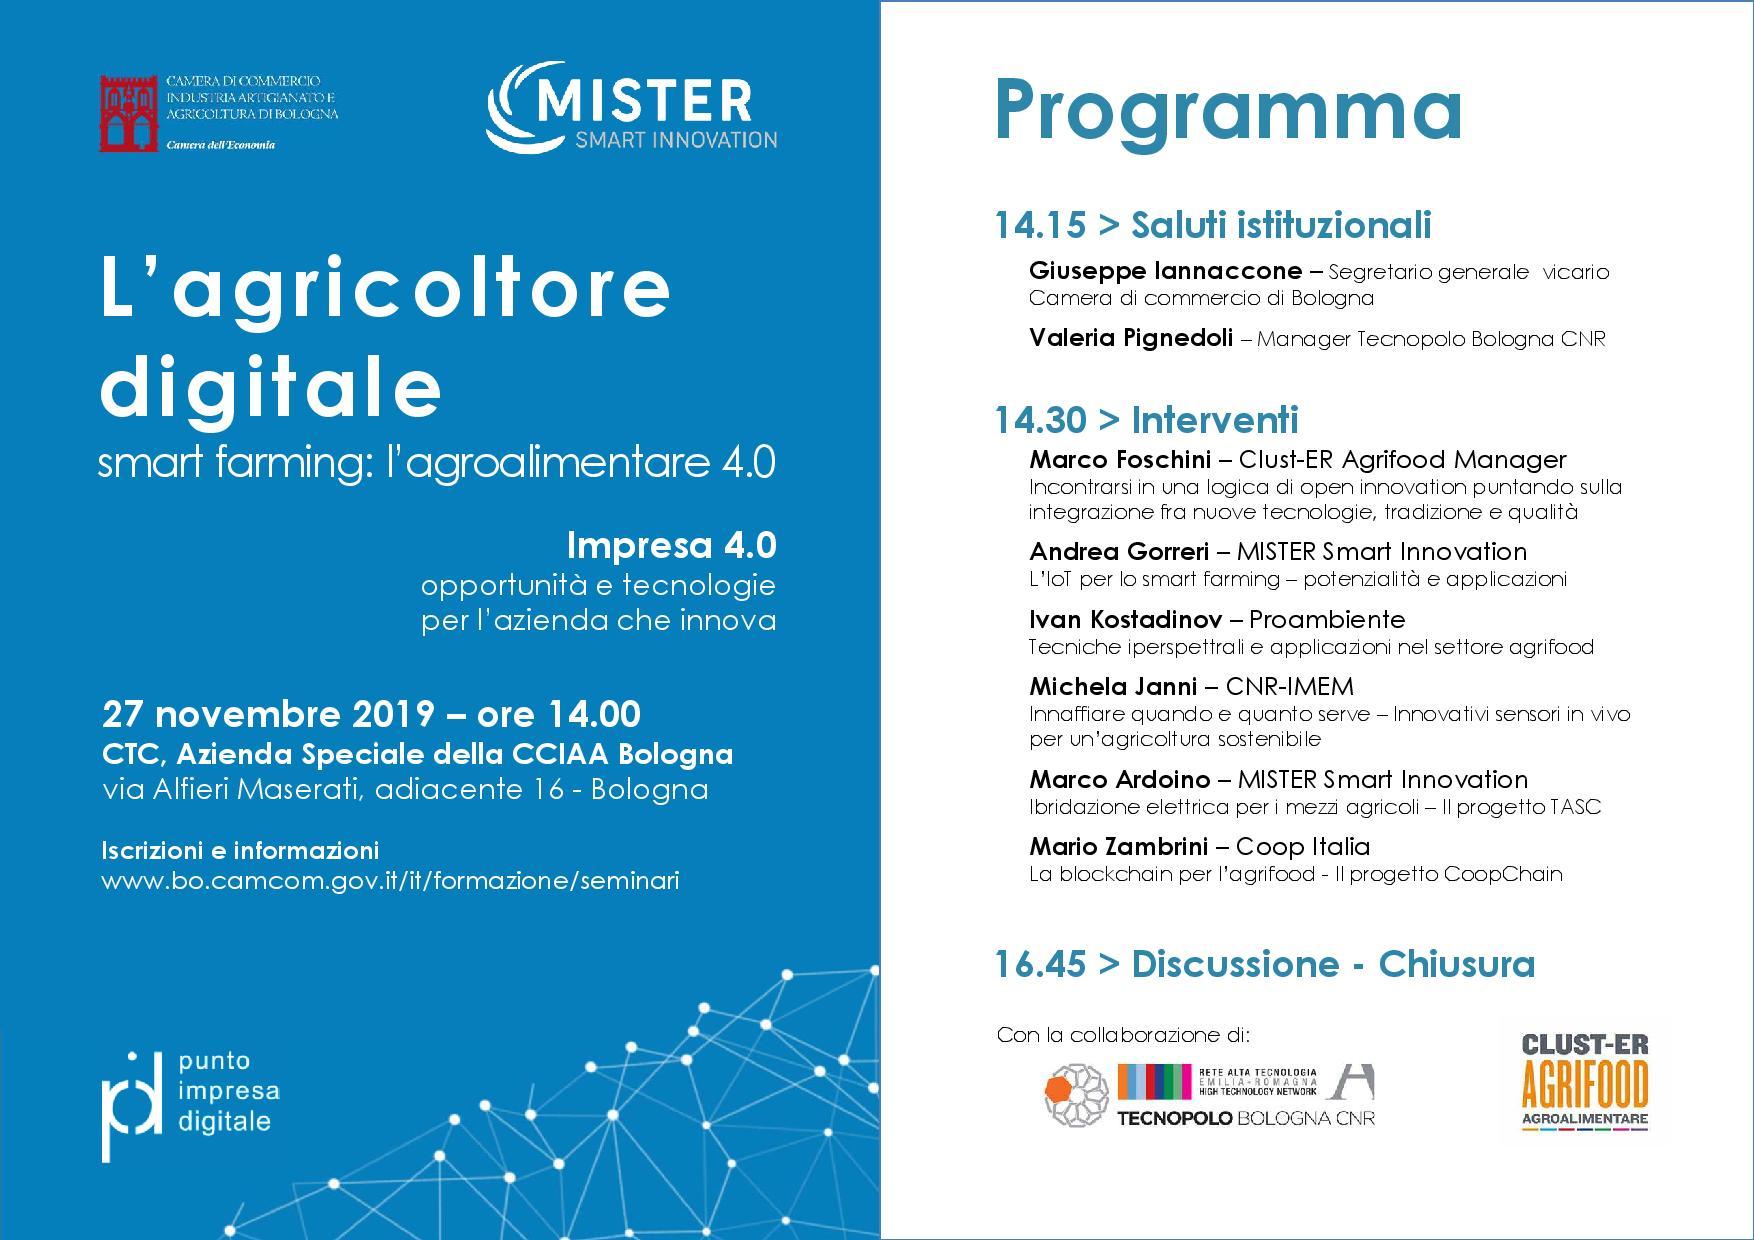 L'agricoltore digitale e lo smart farming: il 27 novembre workshop con la CCIAA